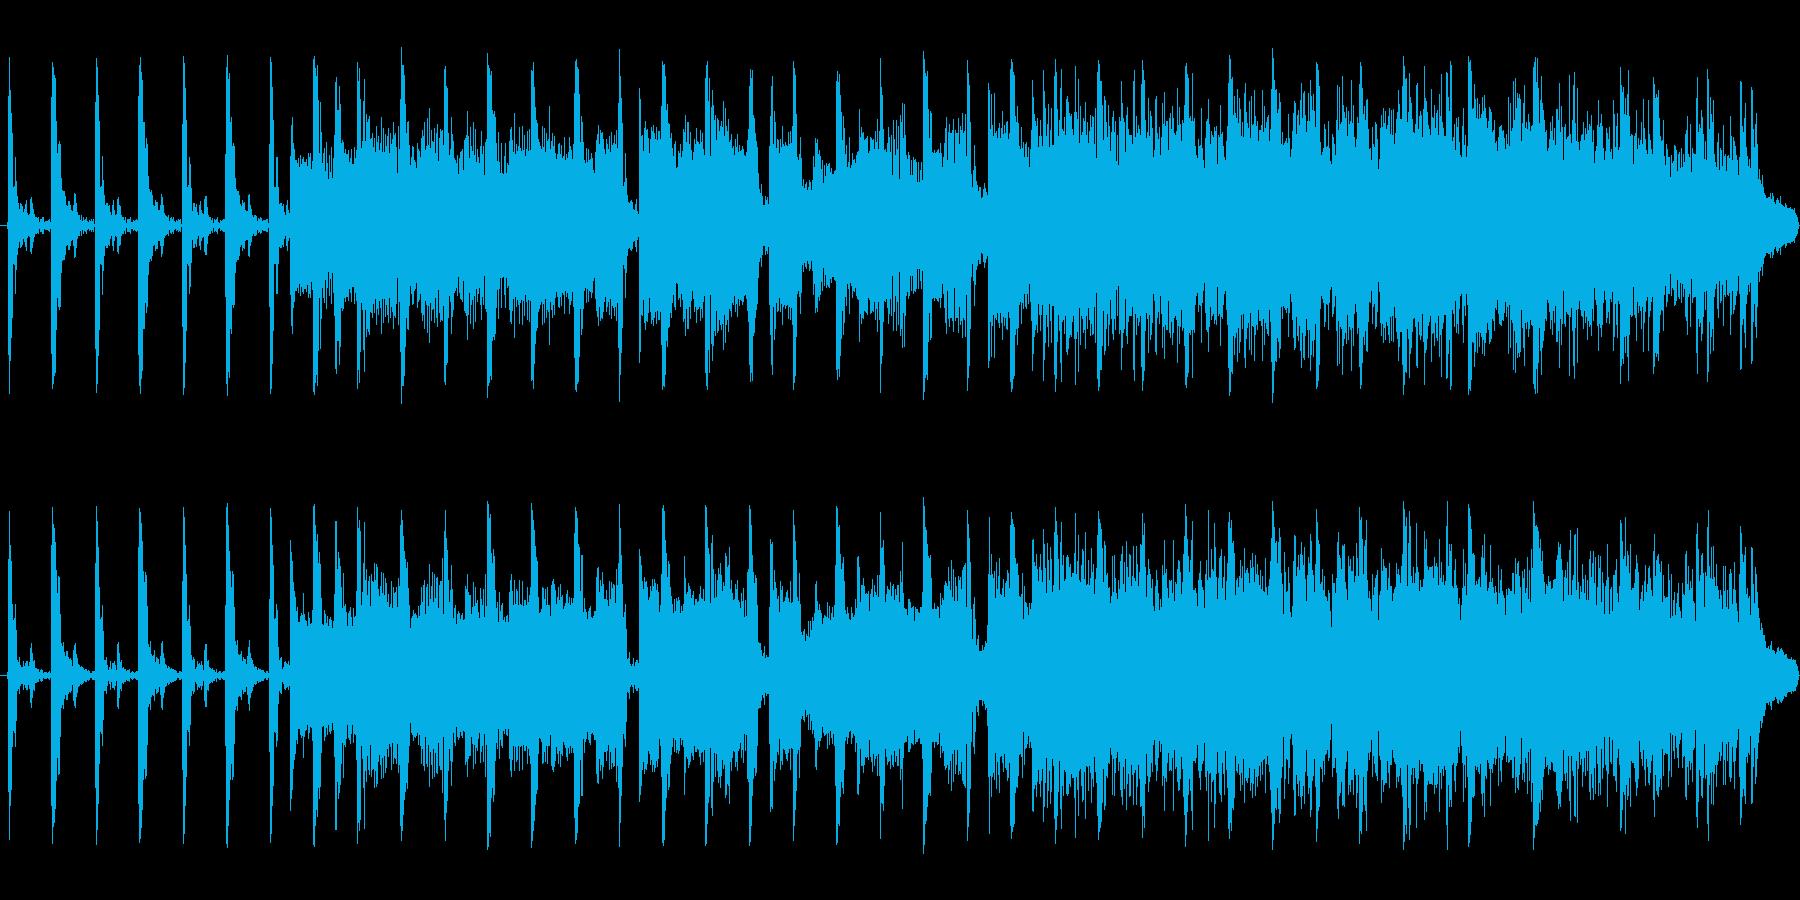 アップテンポの情熱・青春系、弾け系の曲の再生済みの波形